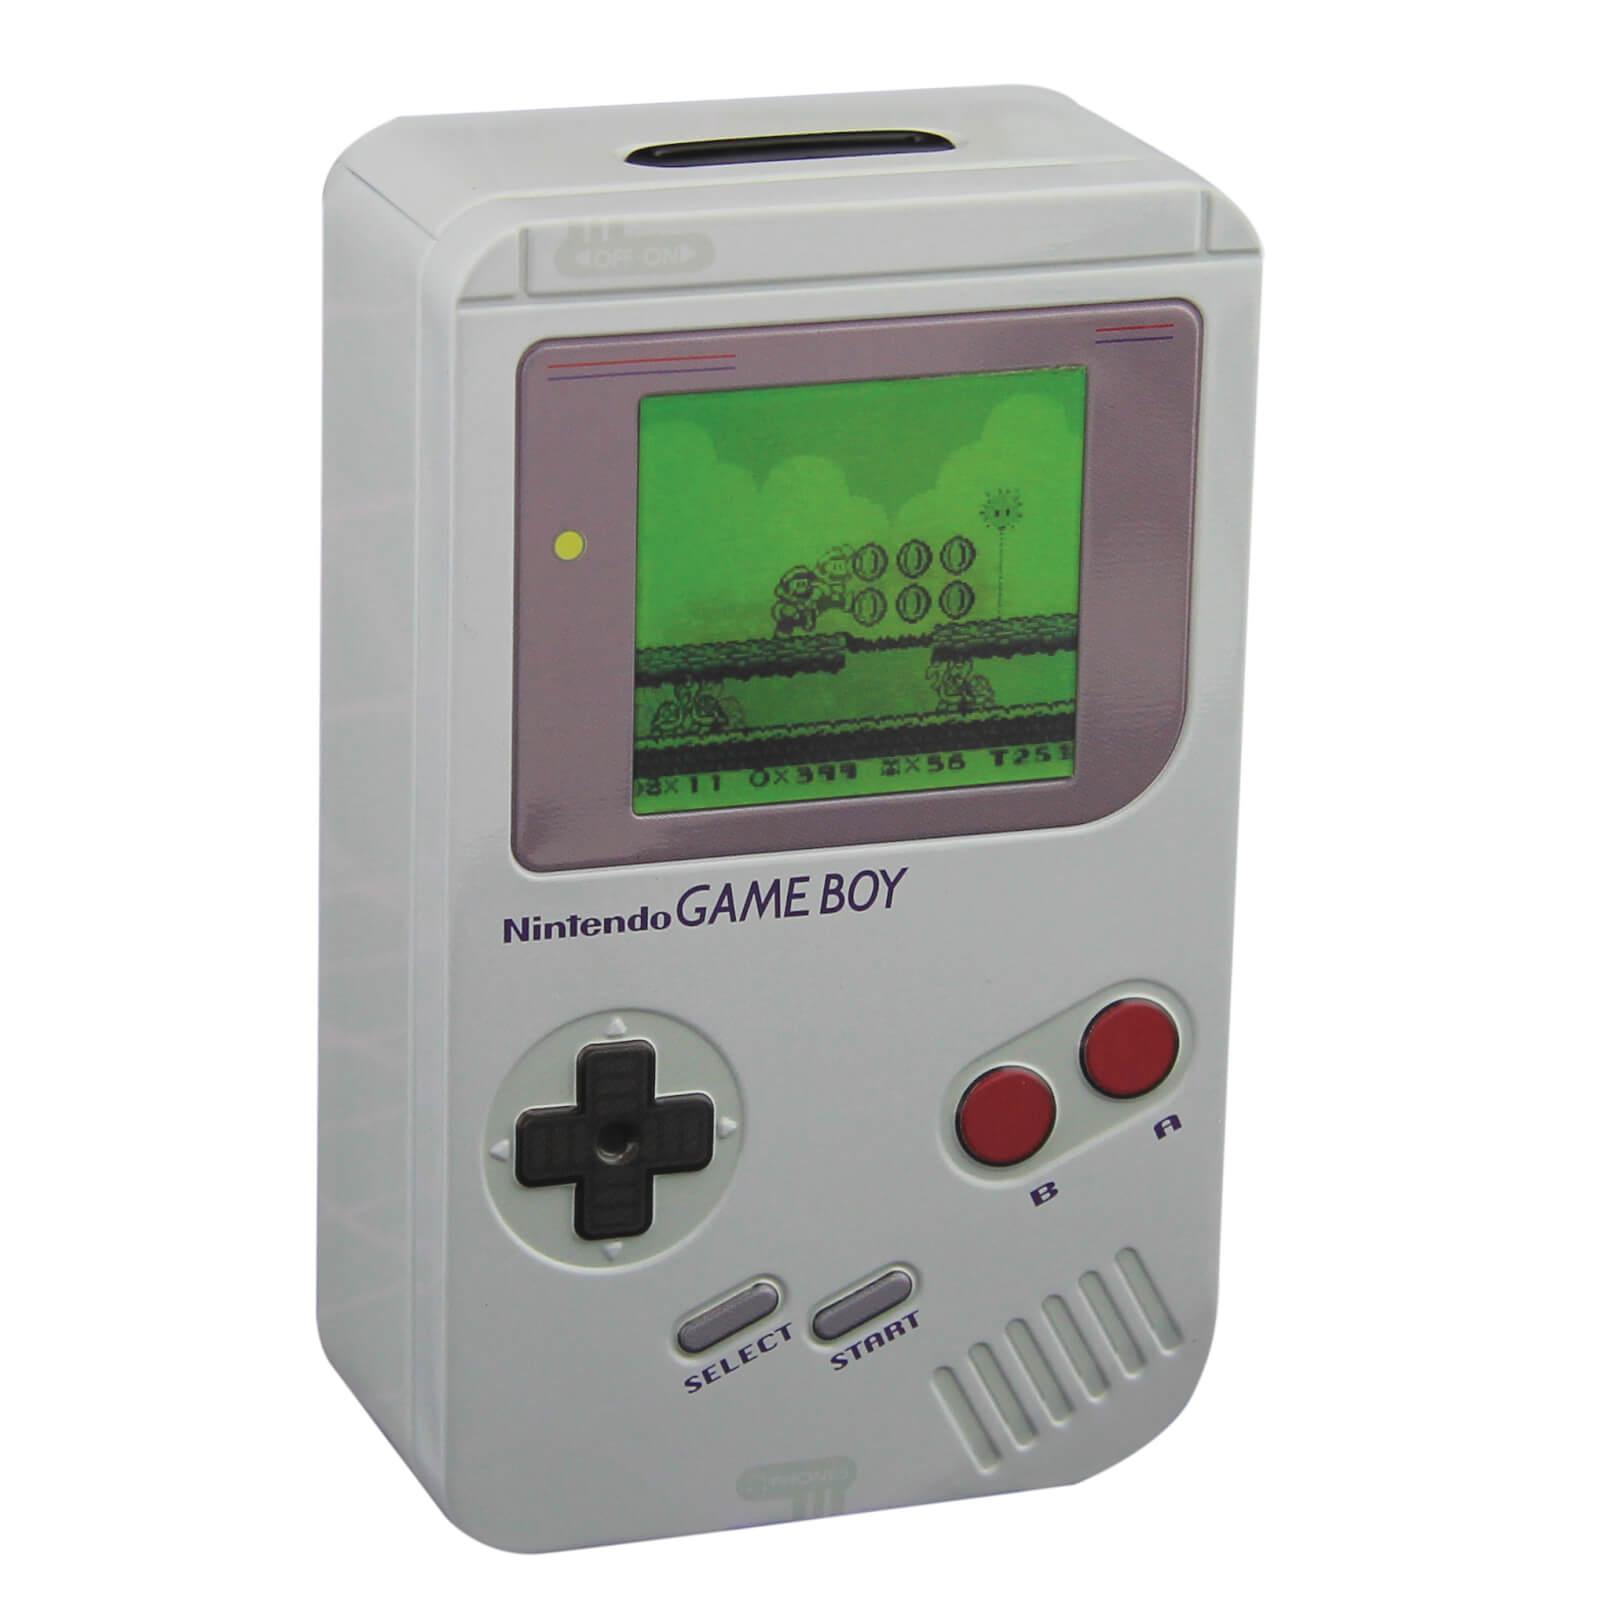 20% Rabatt auf Gaming Merchandise: z.B. Nintendo Game Boy Spardose für 9,48€ statt 13,90€